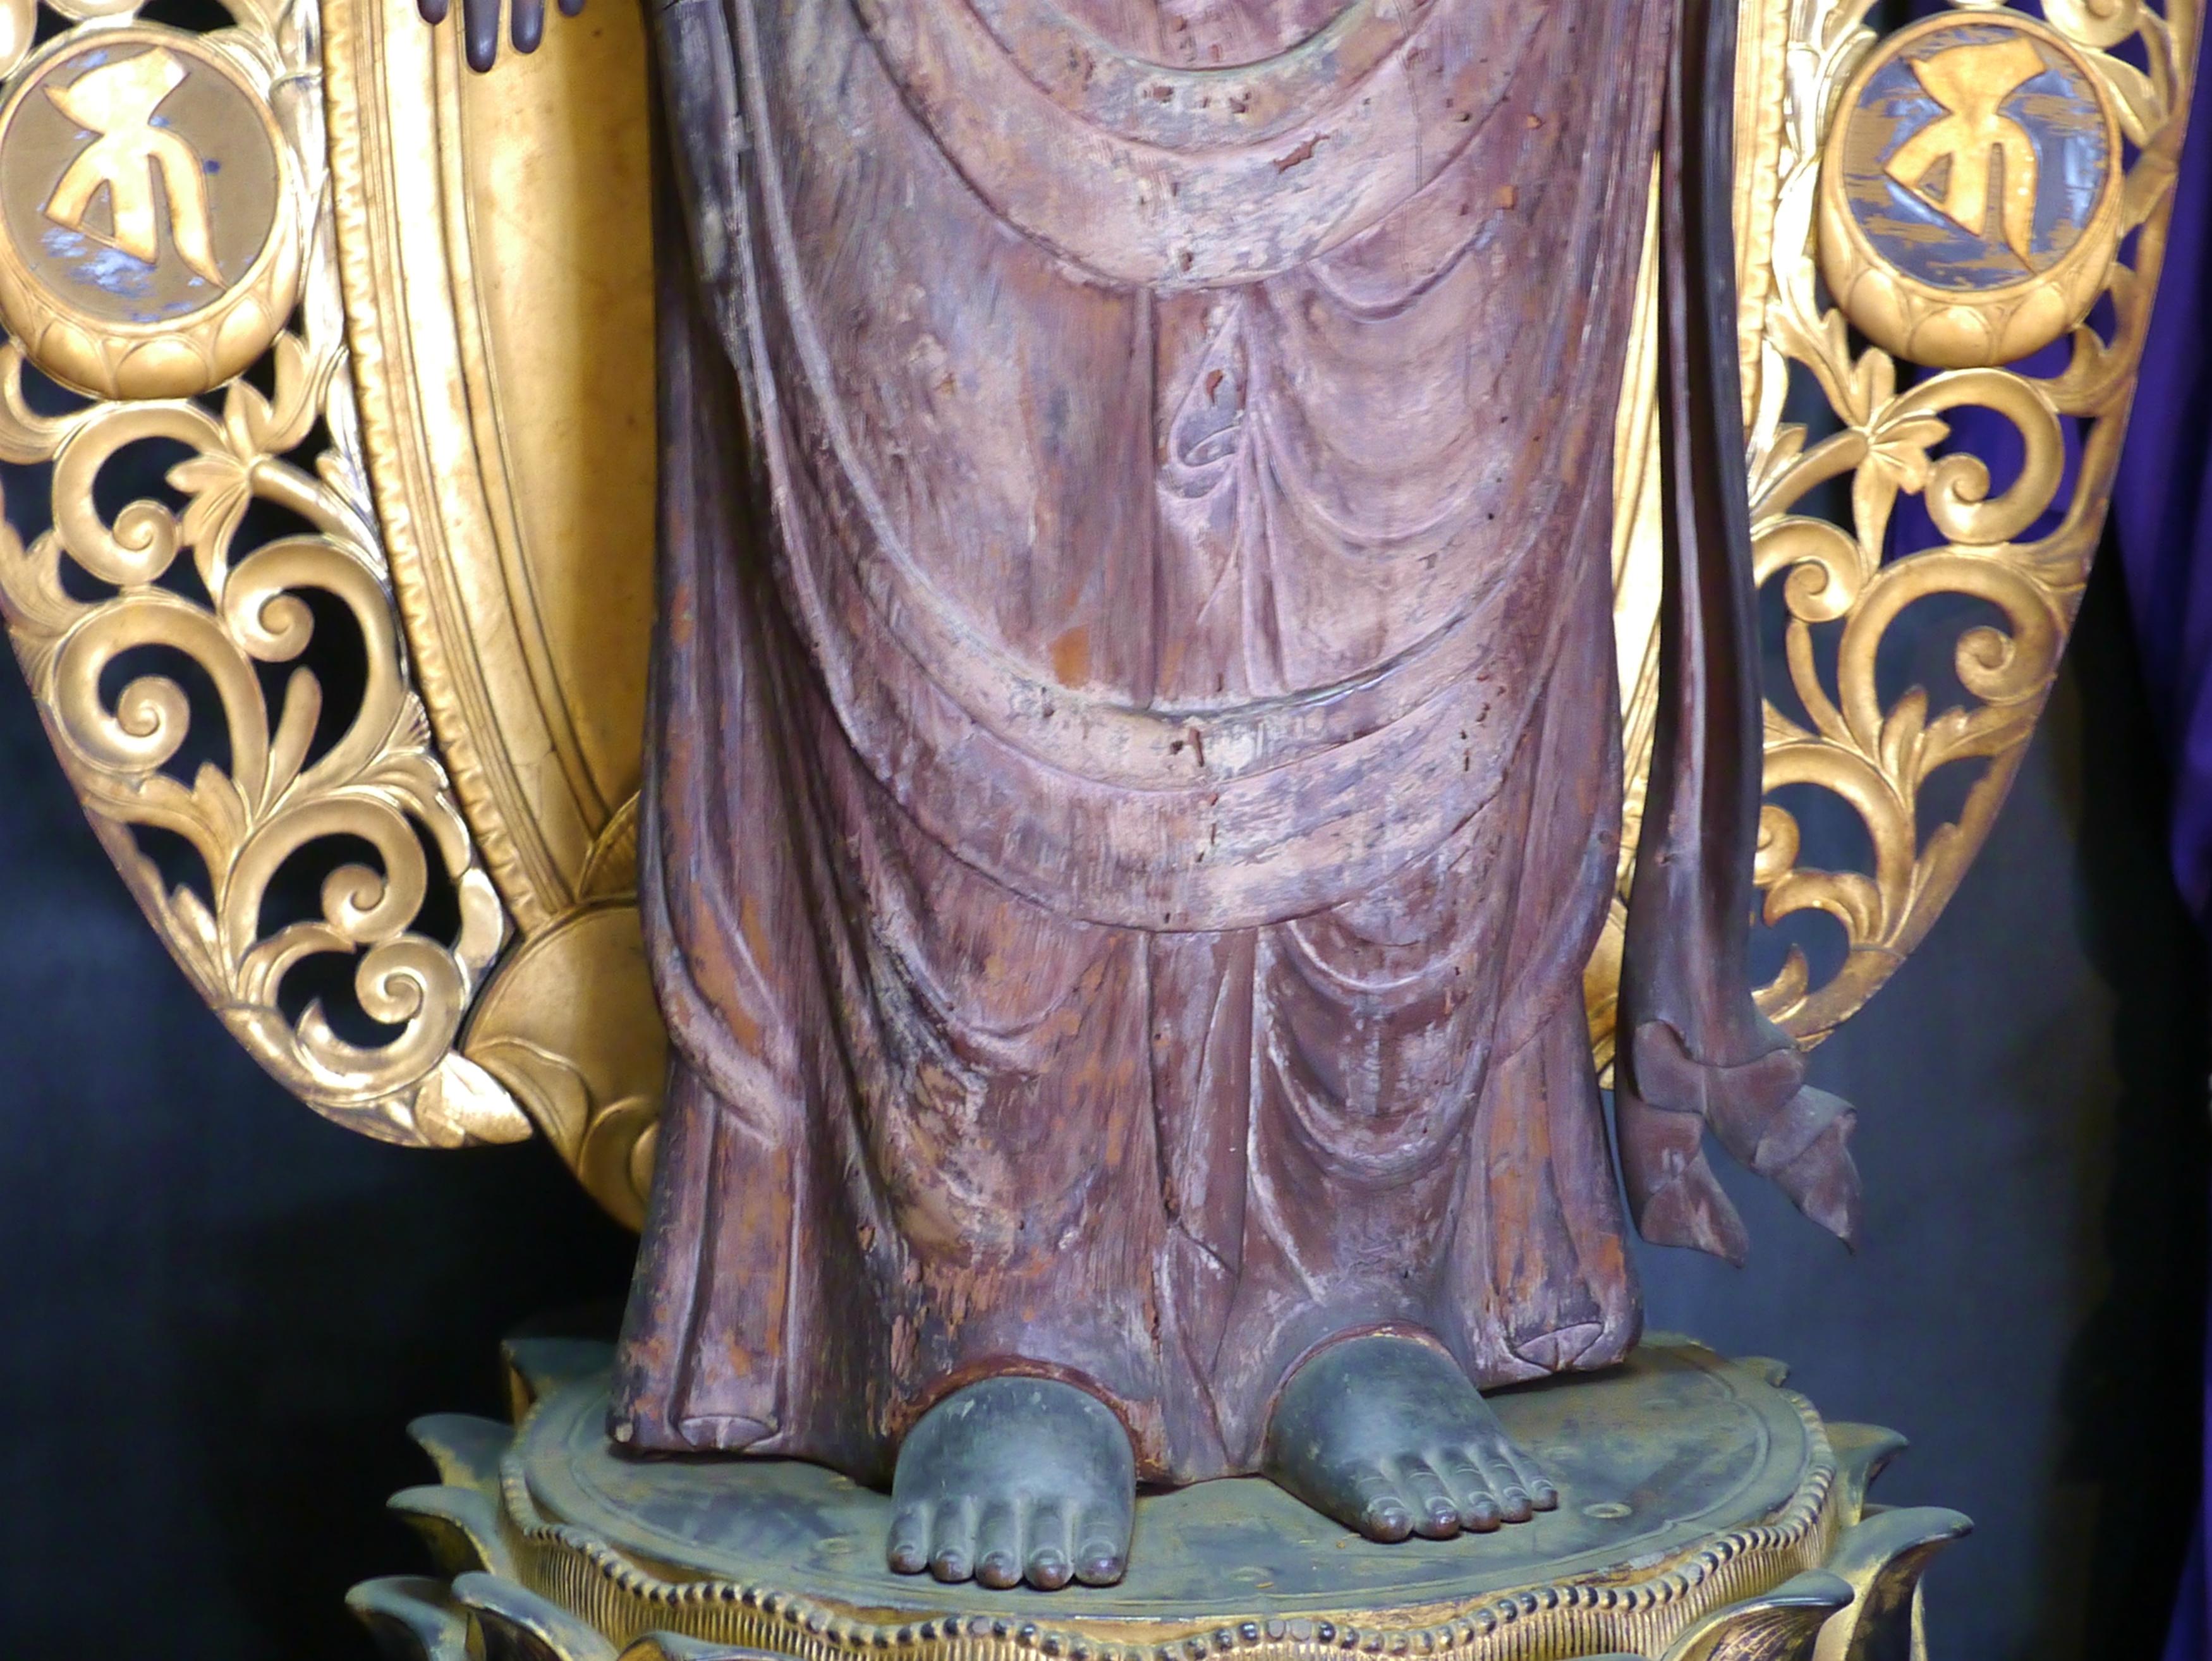 仏像に心奪われ。。ひたすらに仏像拝観を夢見る迦楼馬の仏像拝観日記